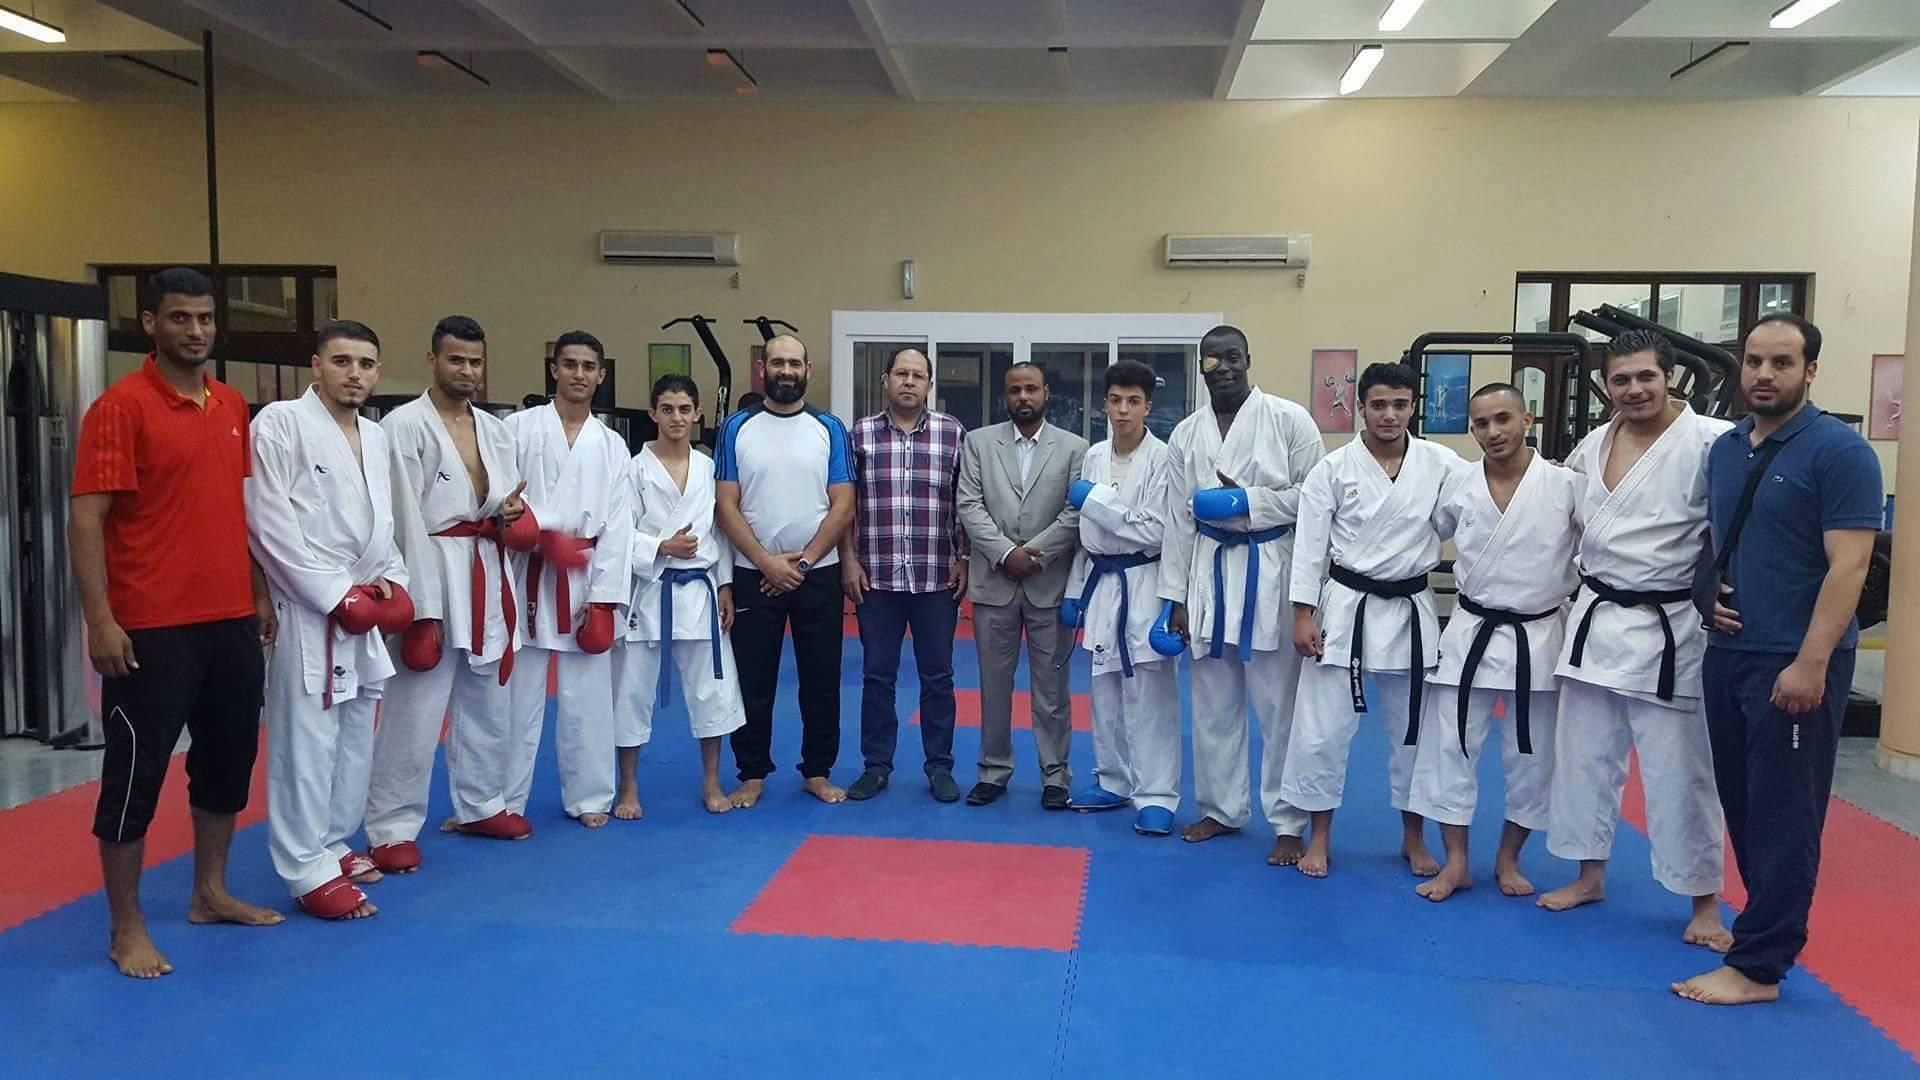 الاتحاد الليبي لرياضة الكاراتيه